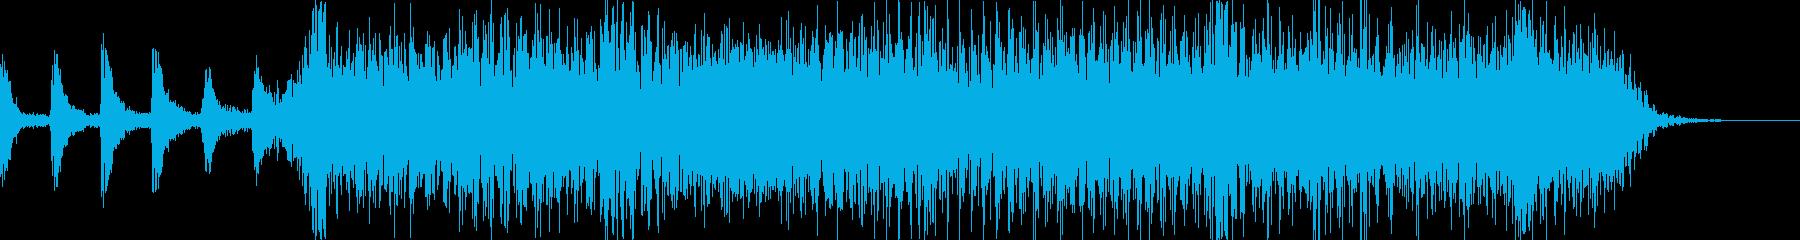 ロックバンド2〜3秒ショートジングル2の再生済みの波形